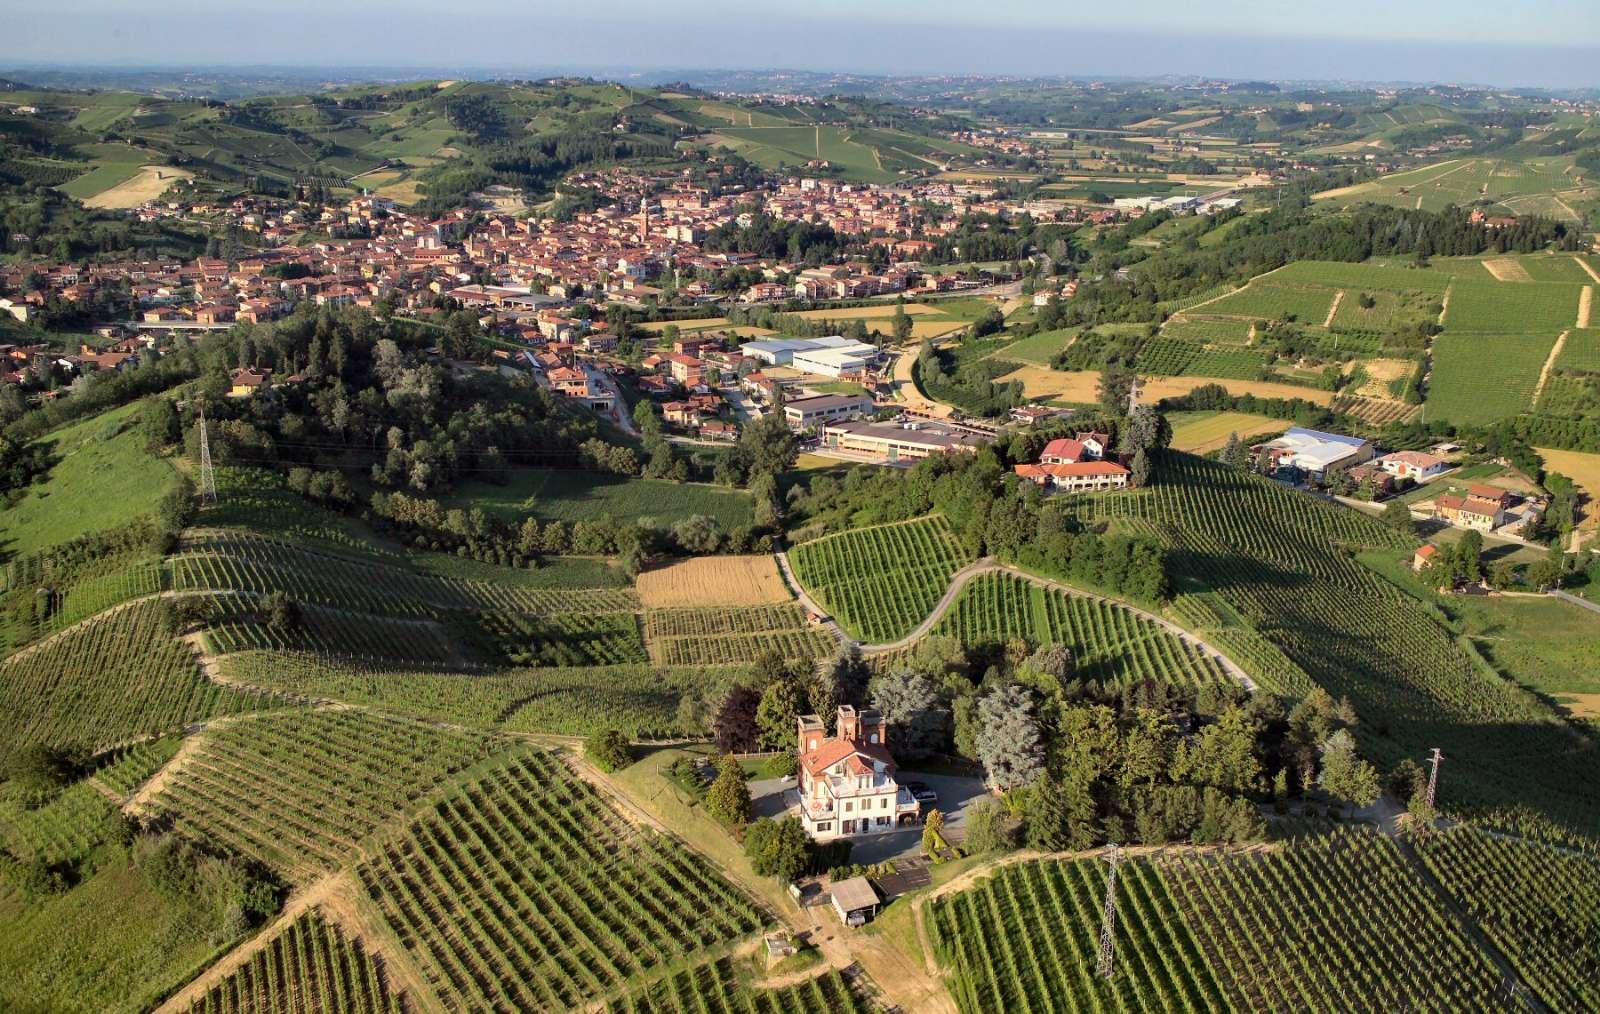 Omringat av vinmarker och nära staden Canale